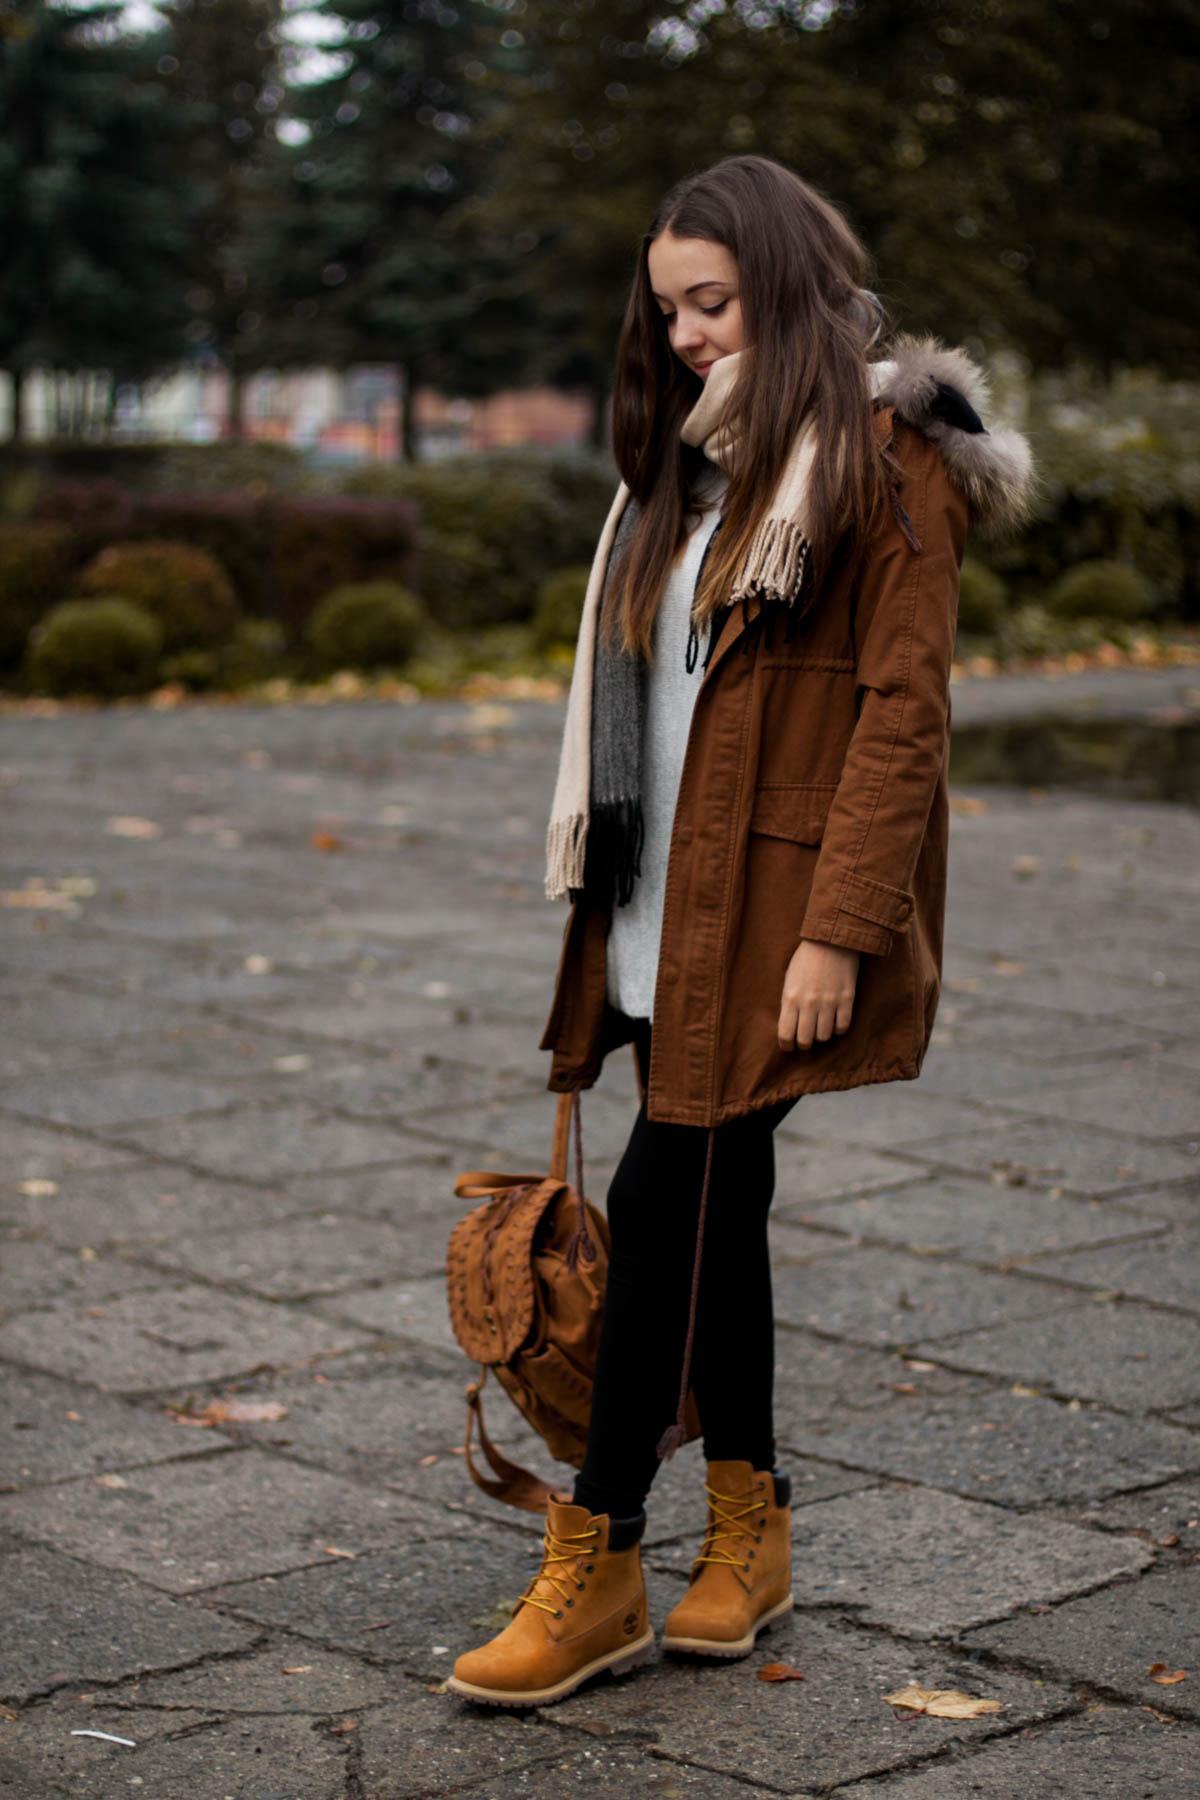 eleganckie buty najniższa cena Nowa lista Timberland - miodowe buty w stylizacji na jesień